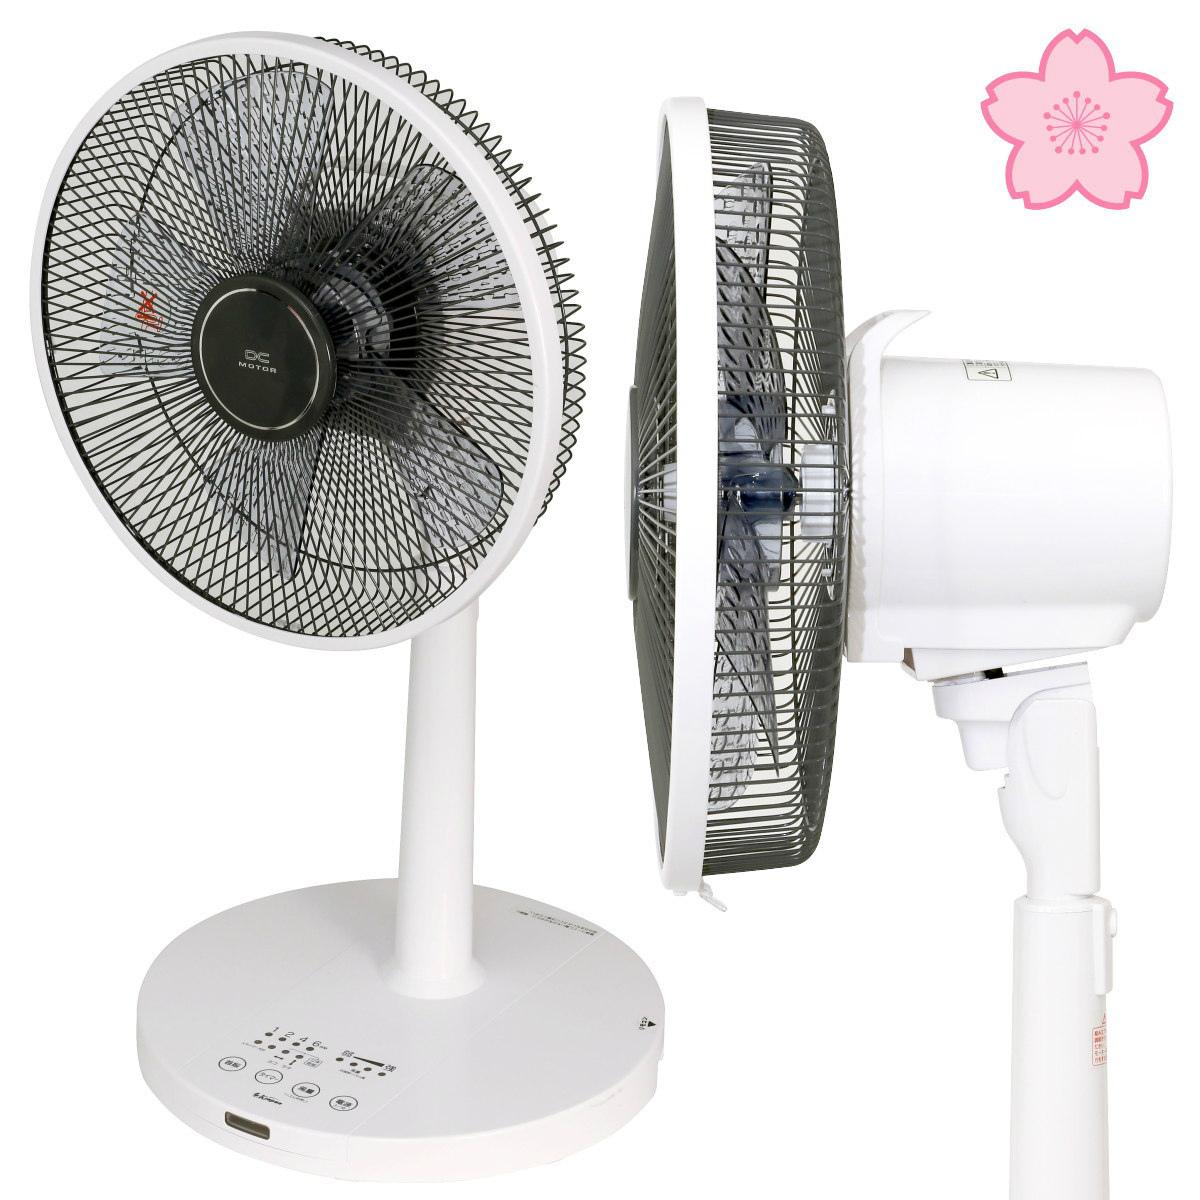 【あす楽】SKJ DCタッチ式 リビング扇風機 | SKJ-K309TDC SKJ-K309TDC | | 1年保証 リモコン付 | DCモーター搭載 | 全高695-875mm | 5枚羽根 | エスケイジャパン 1年保証, YOKA TOWN ヨカタウン:b94c2dc3 --- officewill.xsrv.jp